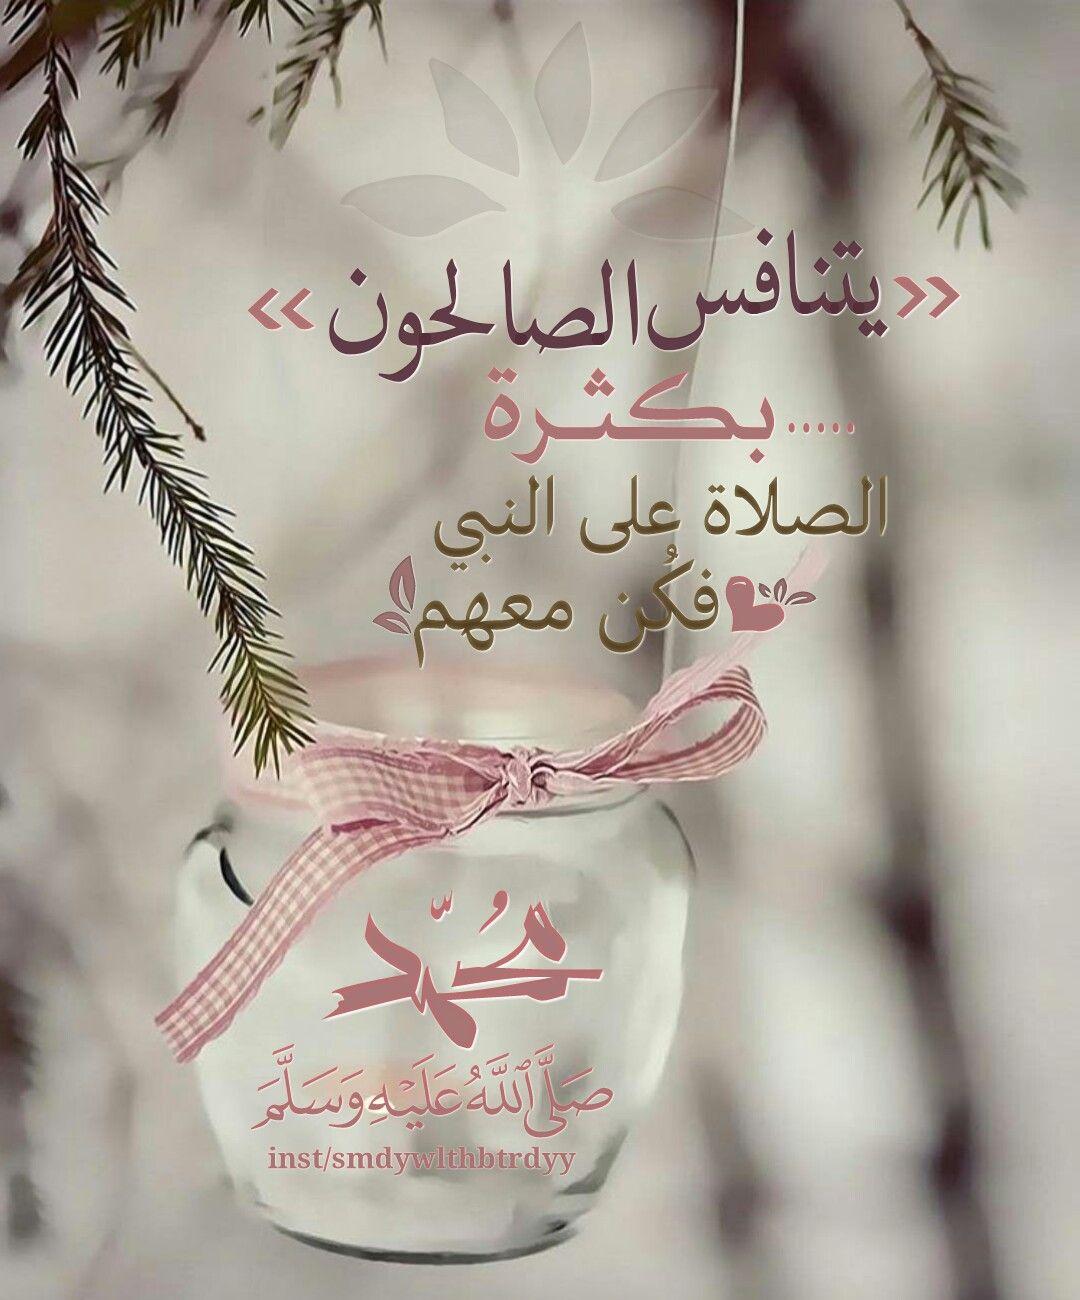 كلمة اللهم صلي وسلم على نبينا محمد مزخرفه